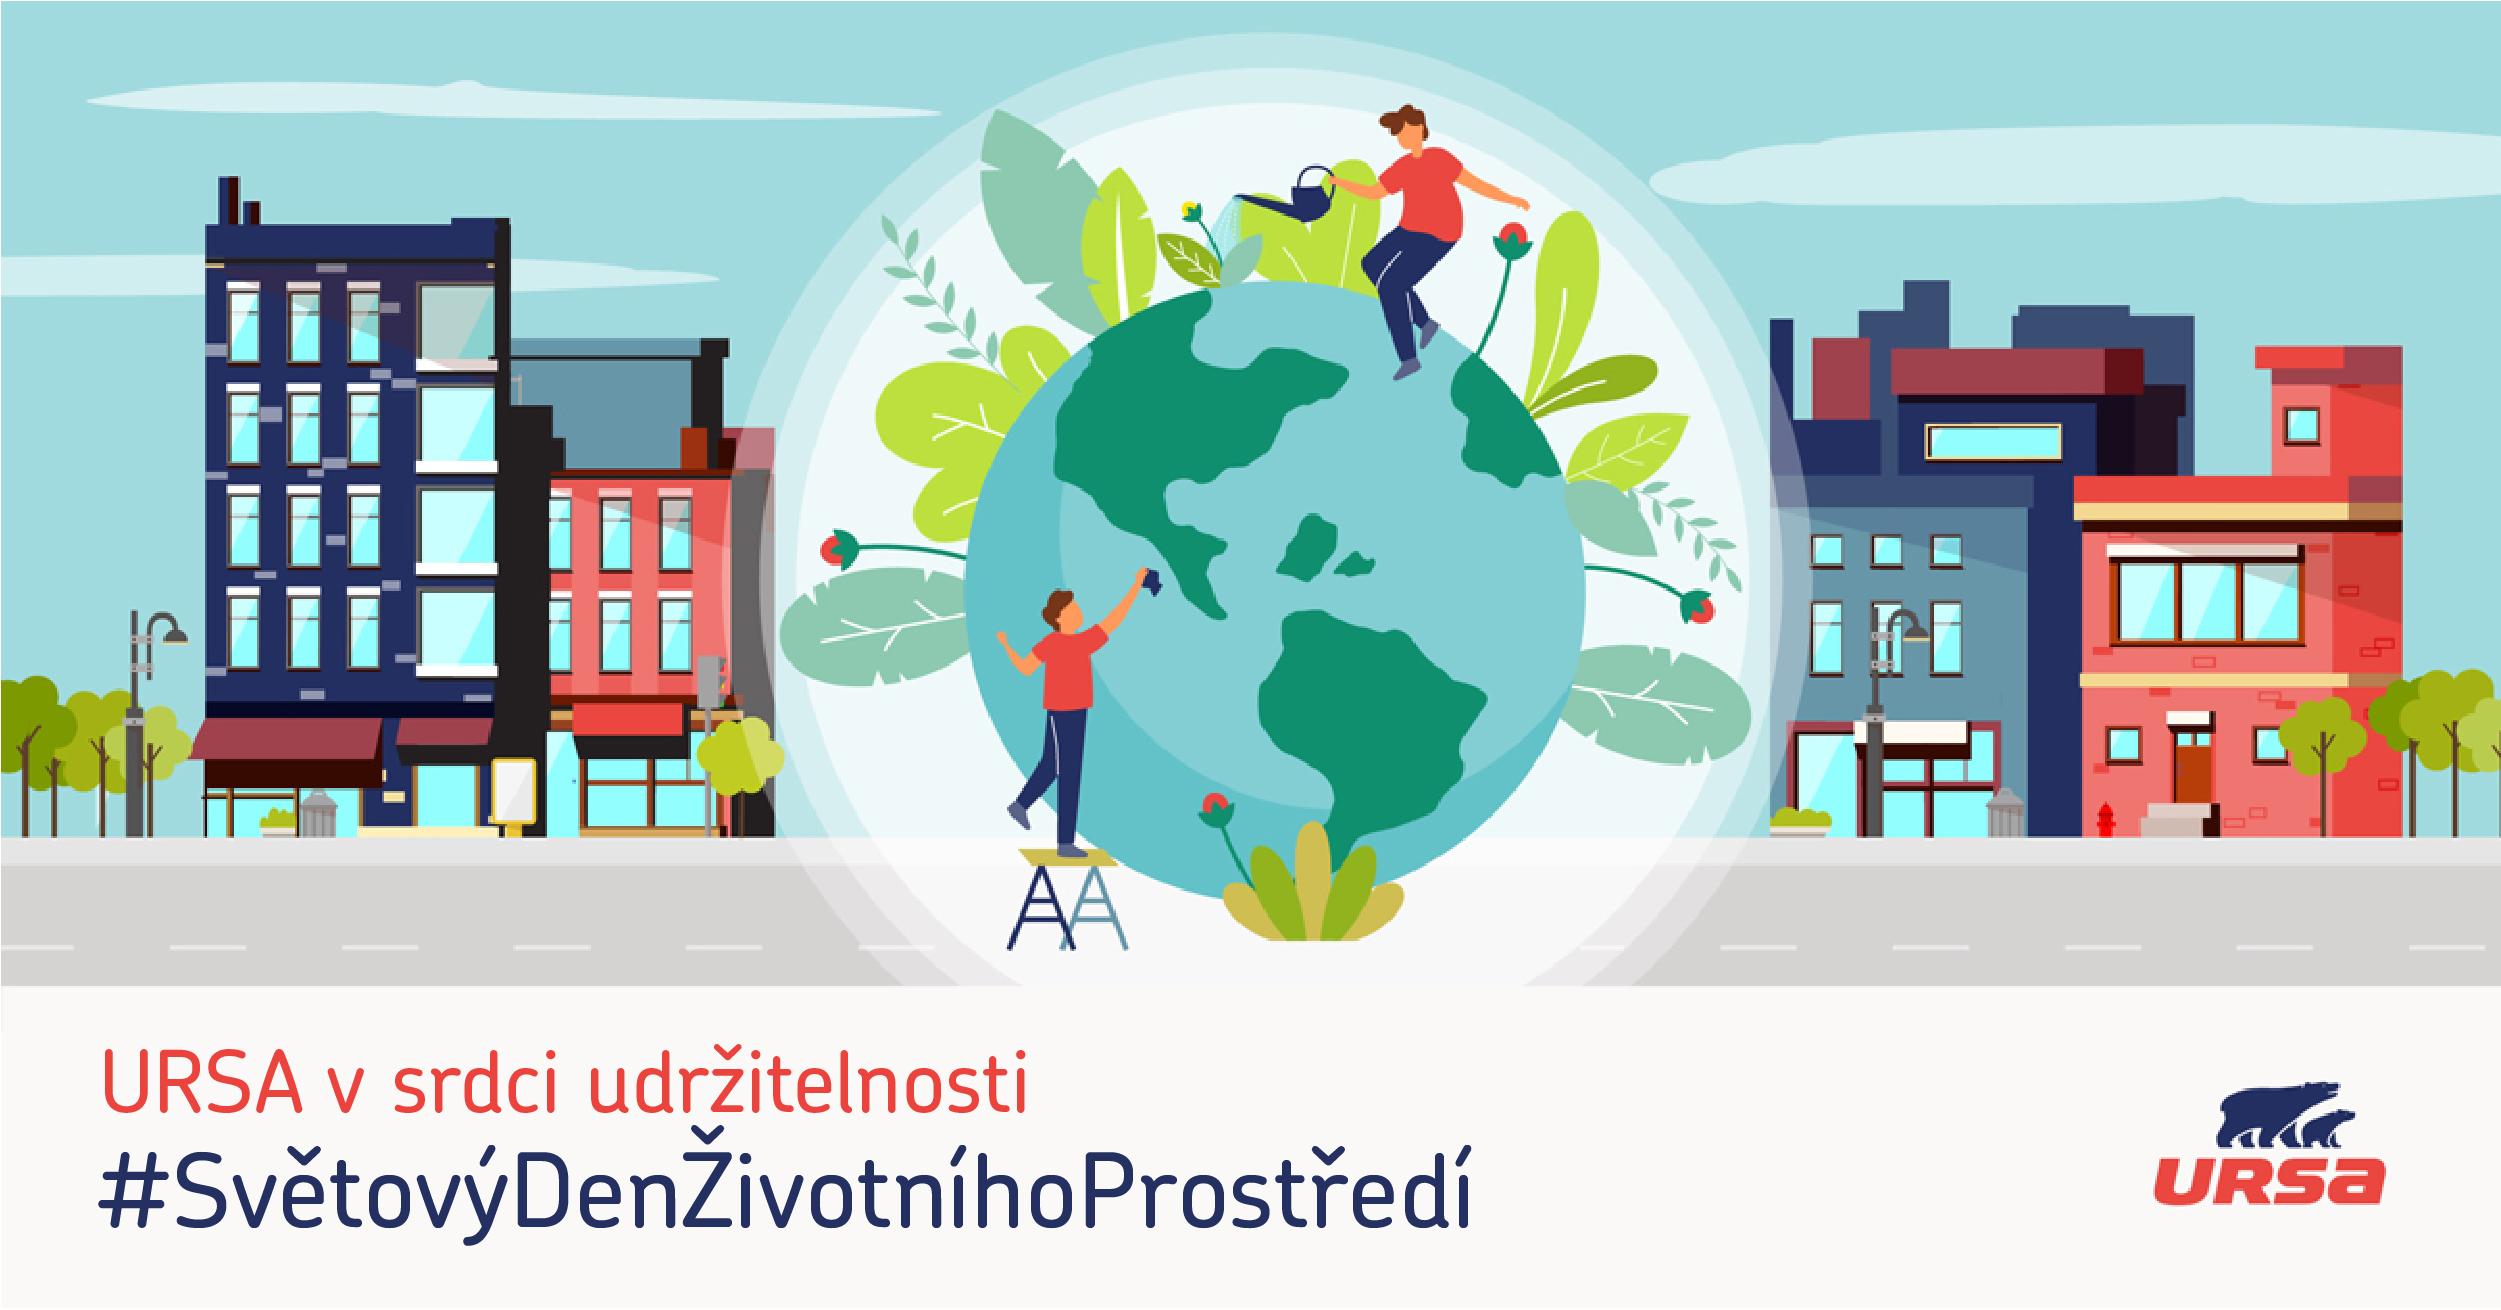 Šetřeme naši planetu a buďme ekologičtí!